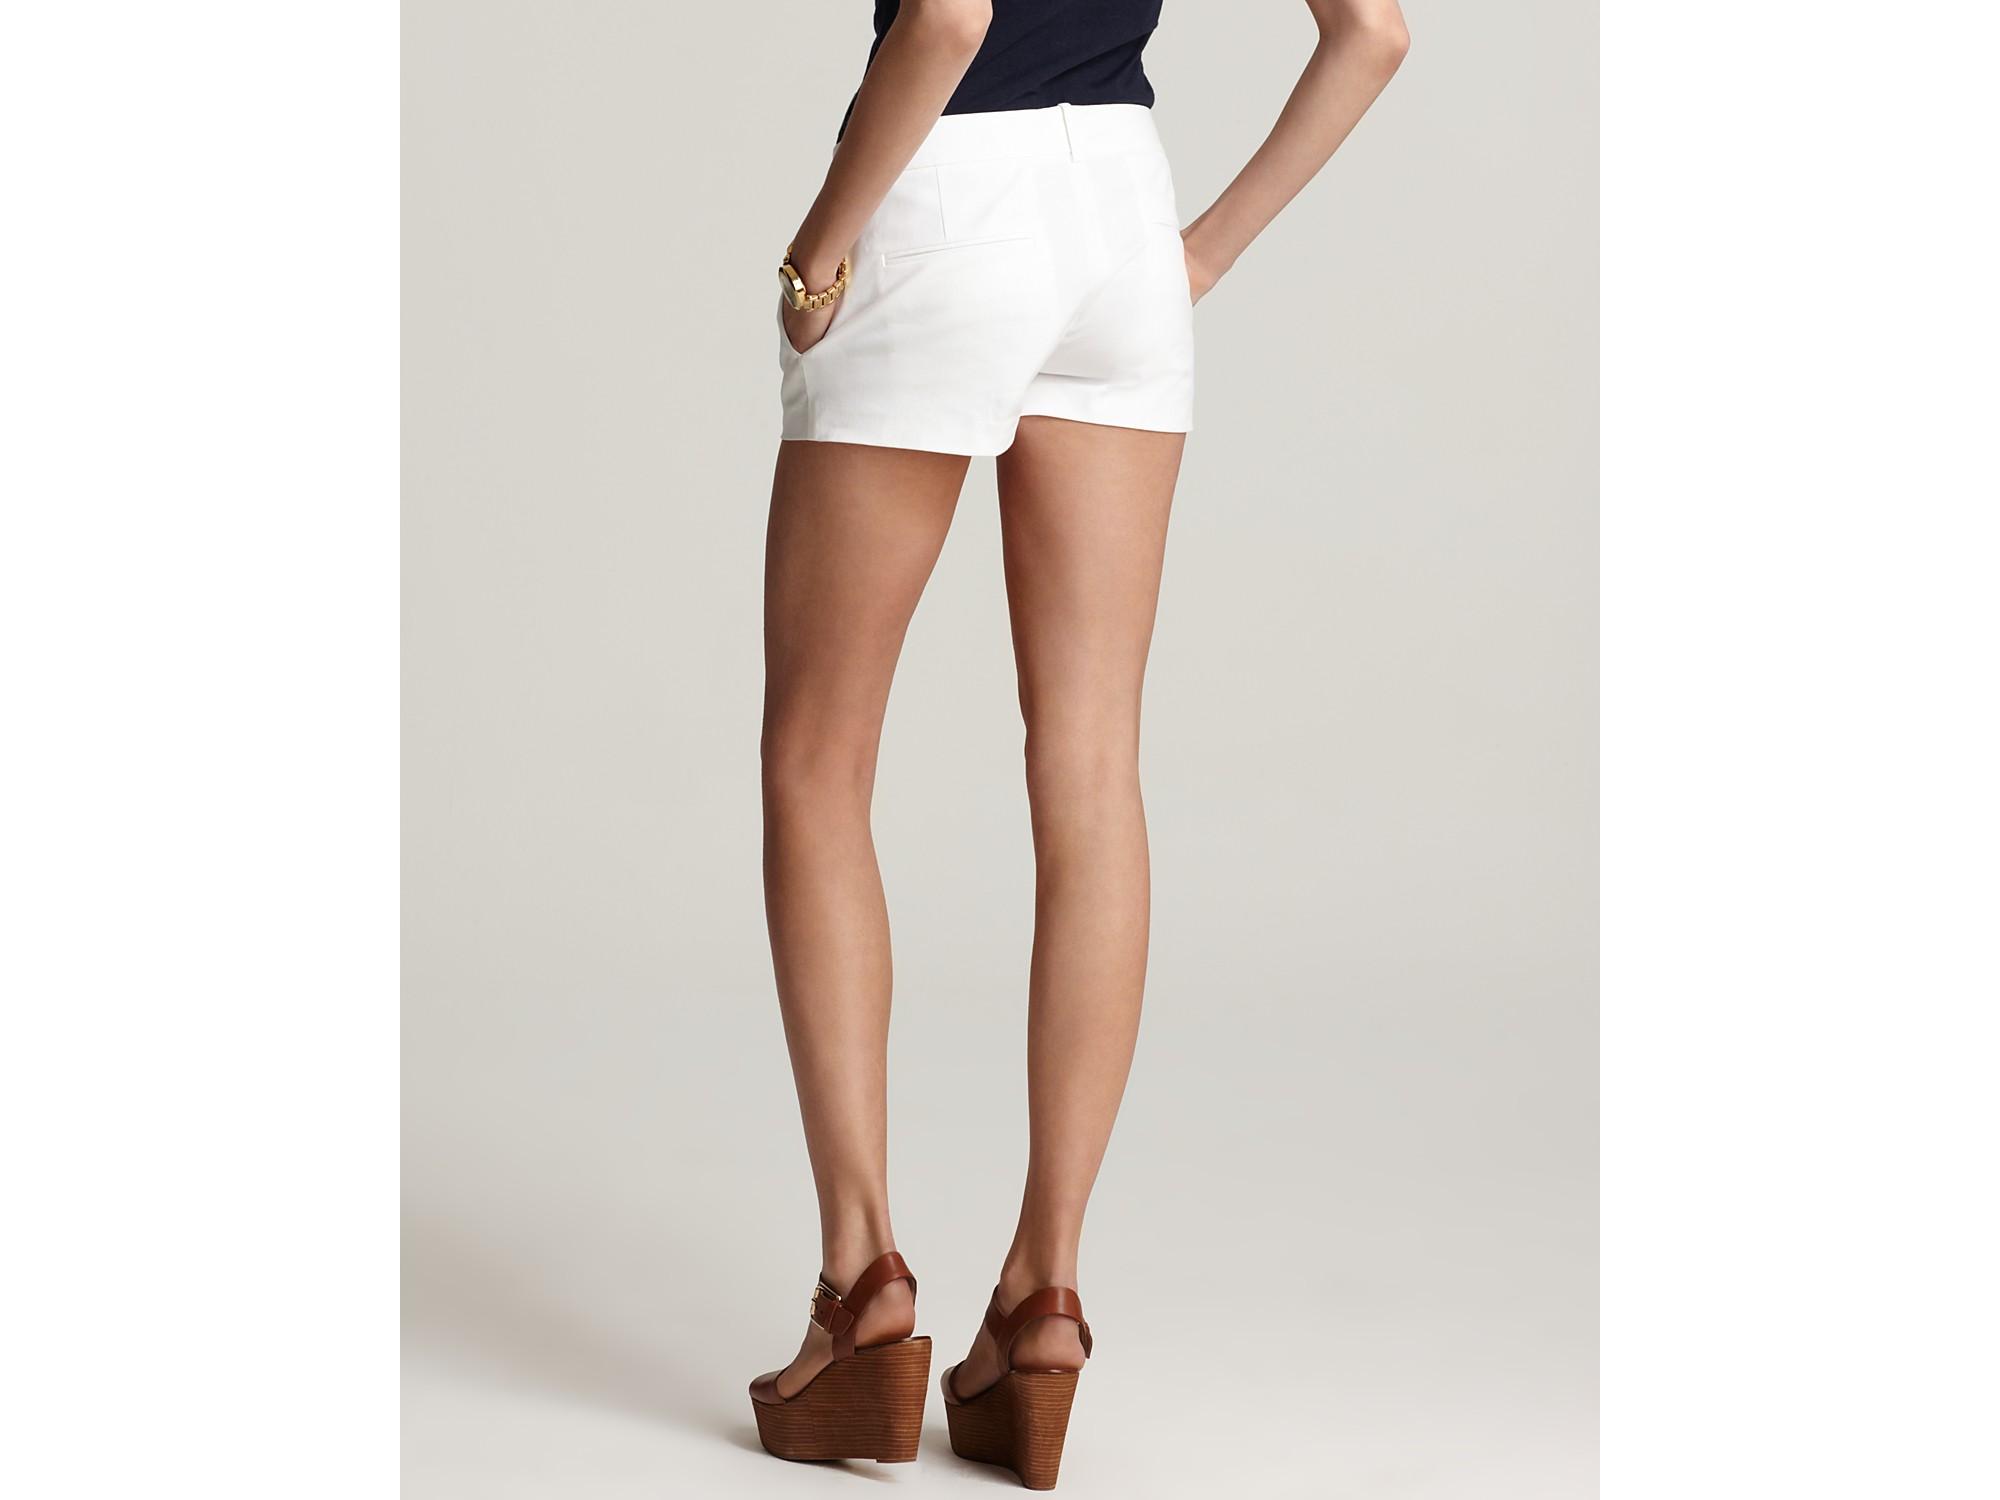 Theory Shorts Yanima Stretch Shorts in White | Lyst